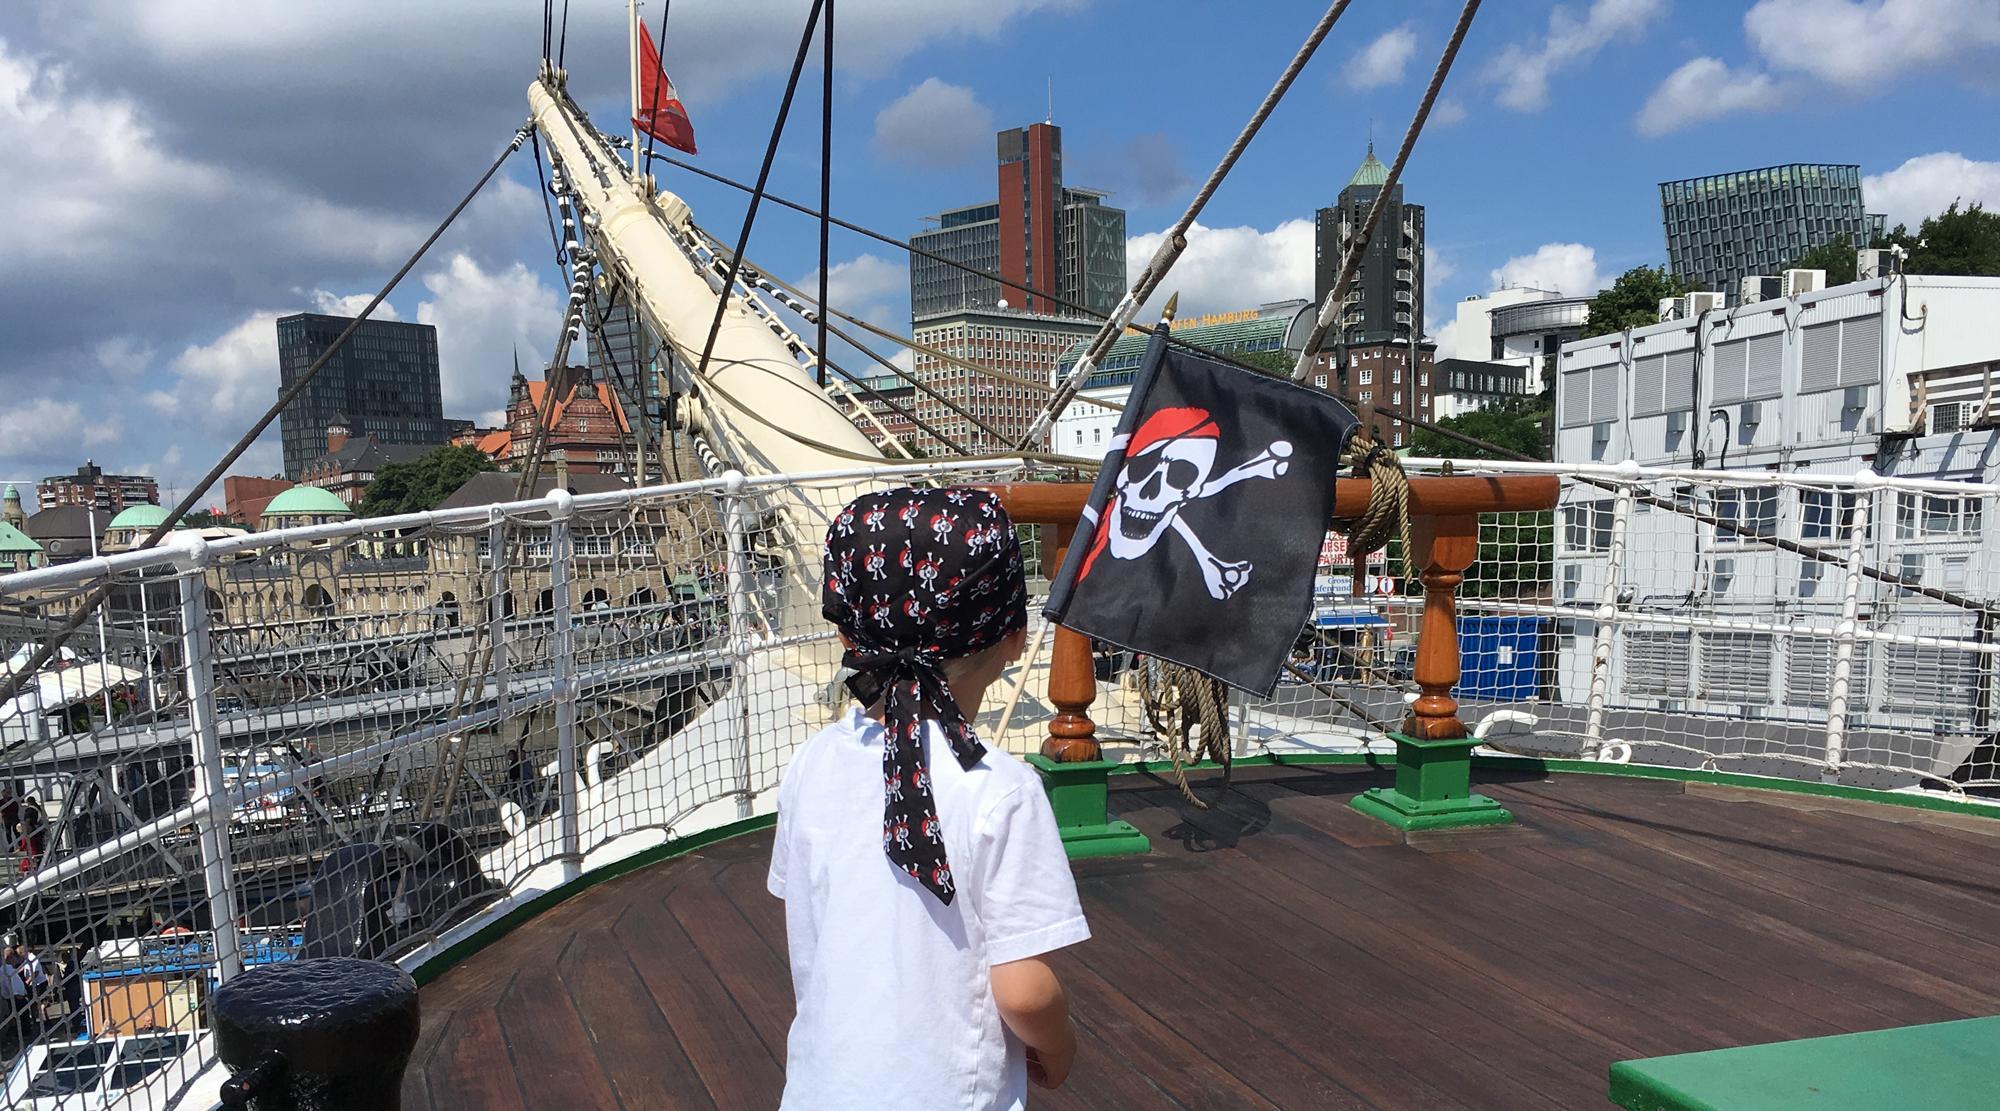 Piraten Hamburg - Piratenkostüm